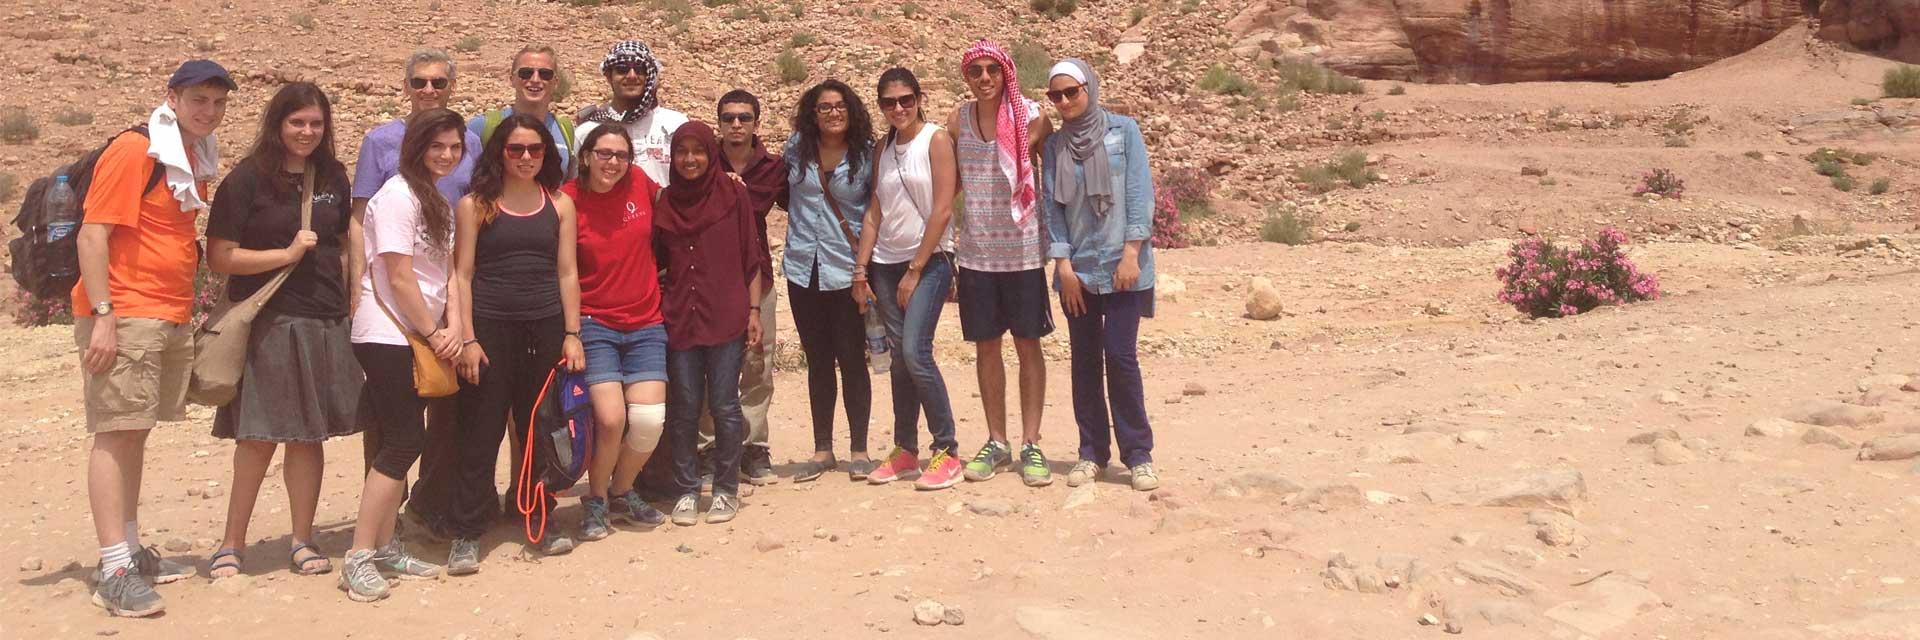 desertgroup